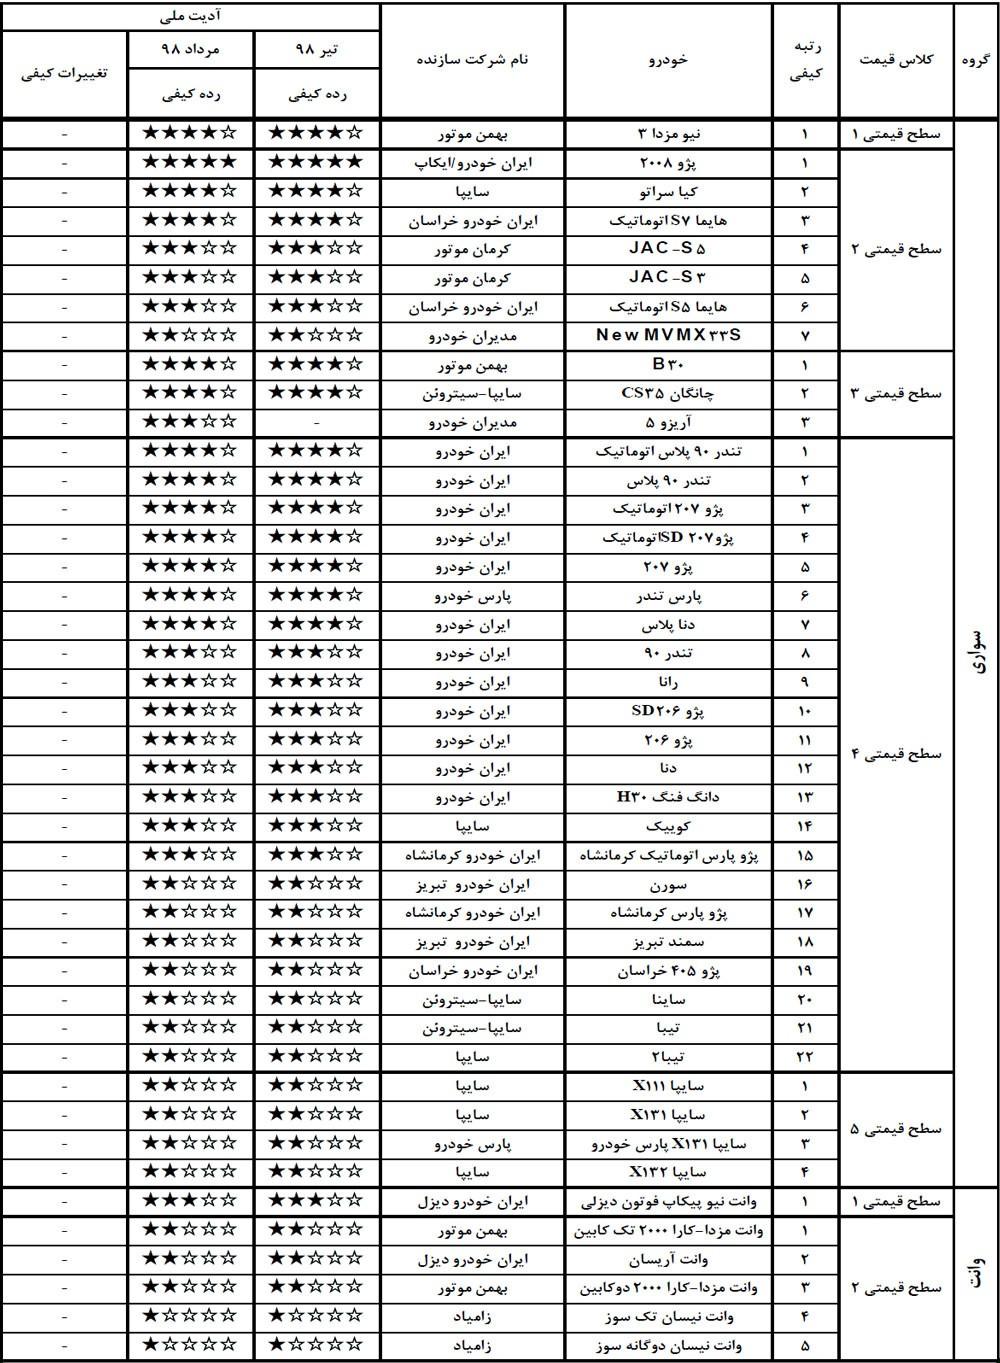 جدول مقایسه سطح کیفیتی خودروهای سواری، تیر و مرداد 98.jpg